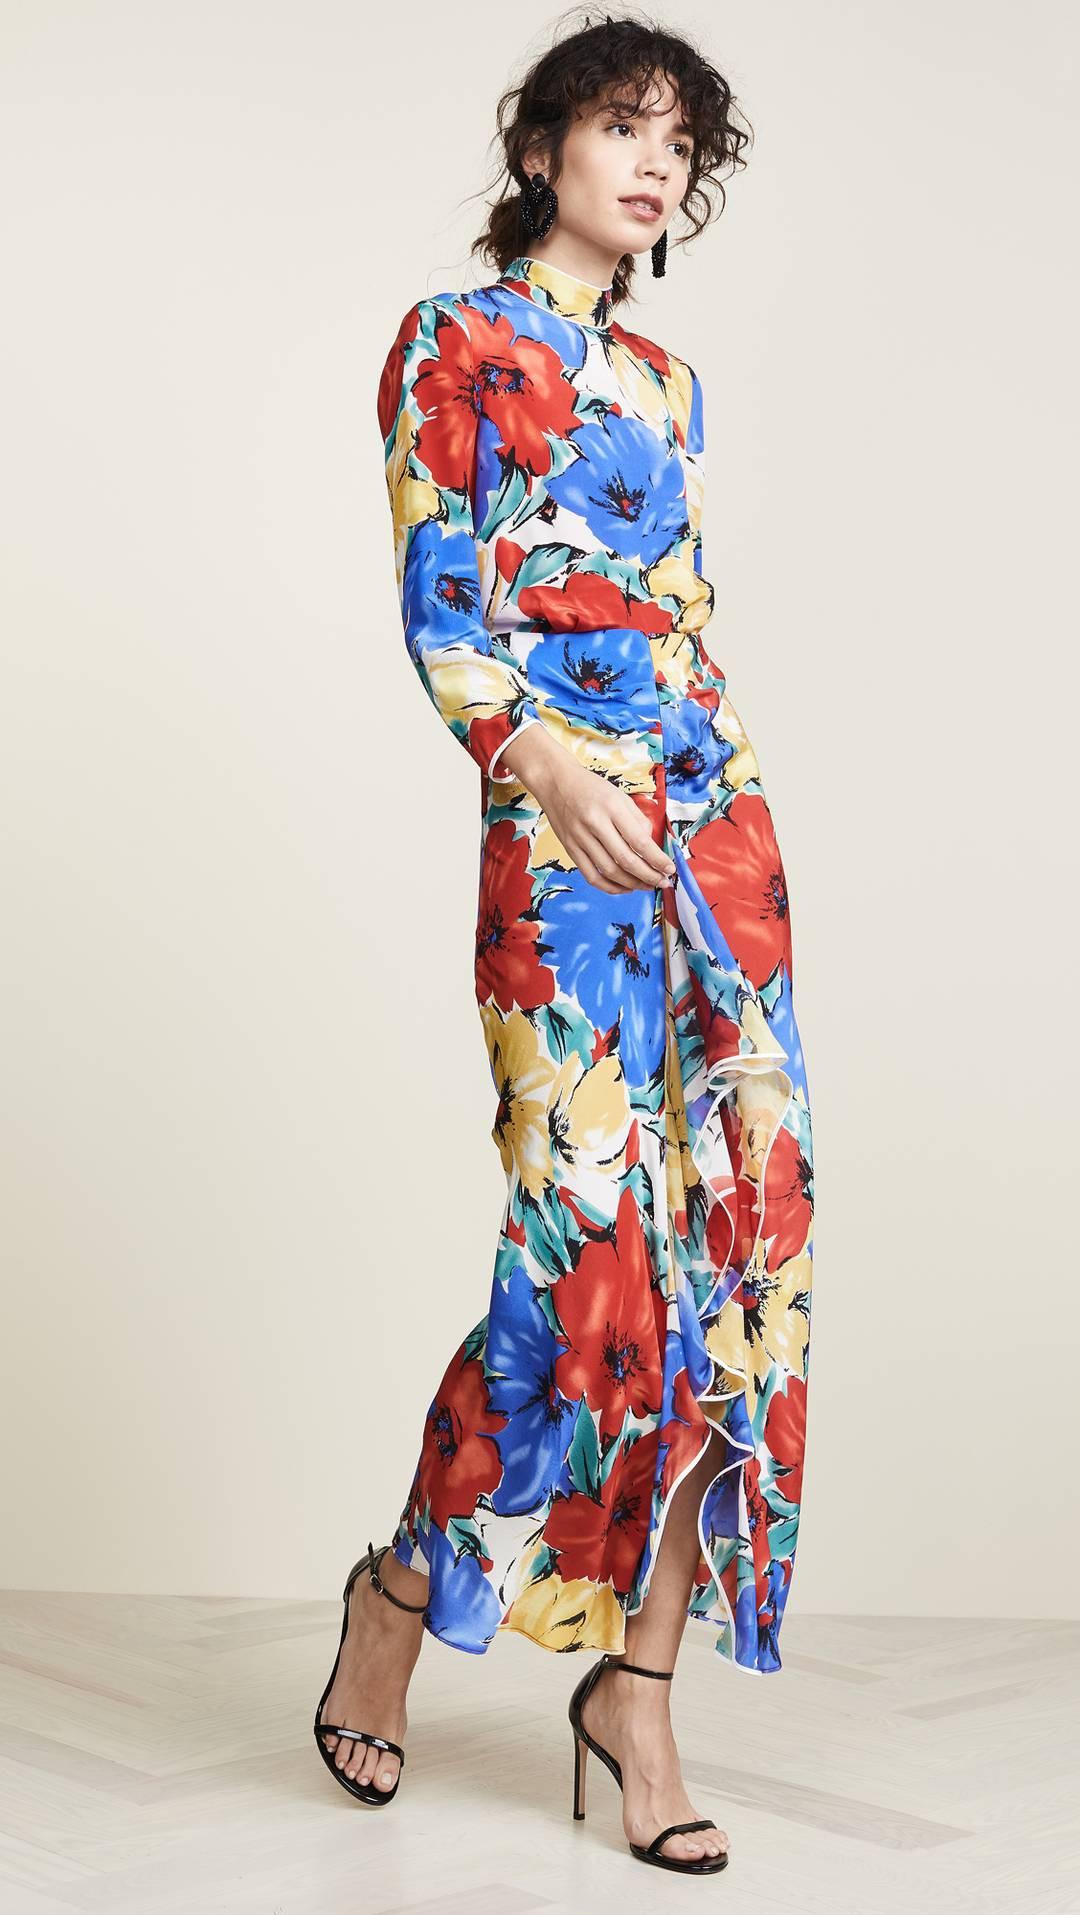 5 kiểu váy nhất định phải sắm trong mùa hè này, chị em hãy nhớ cập nhật cho kịp xu thế - Ảnh 3